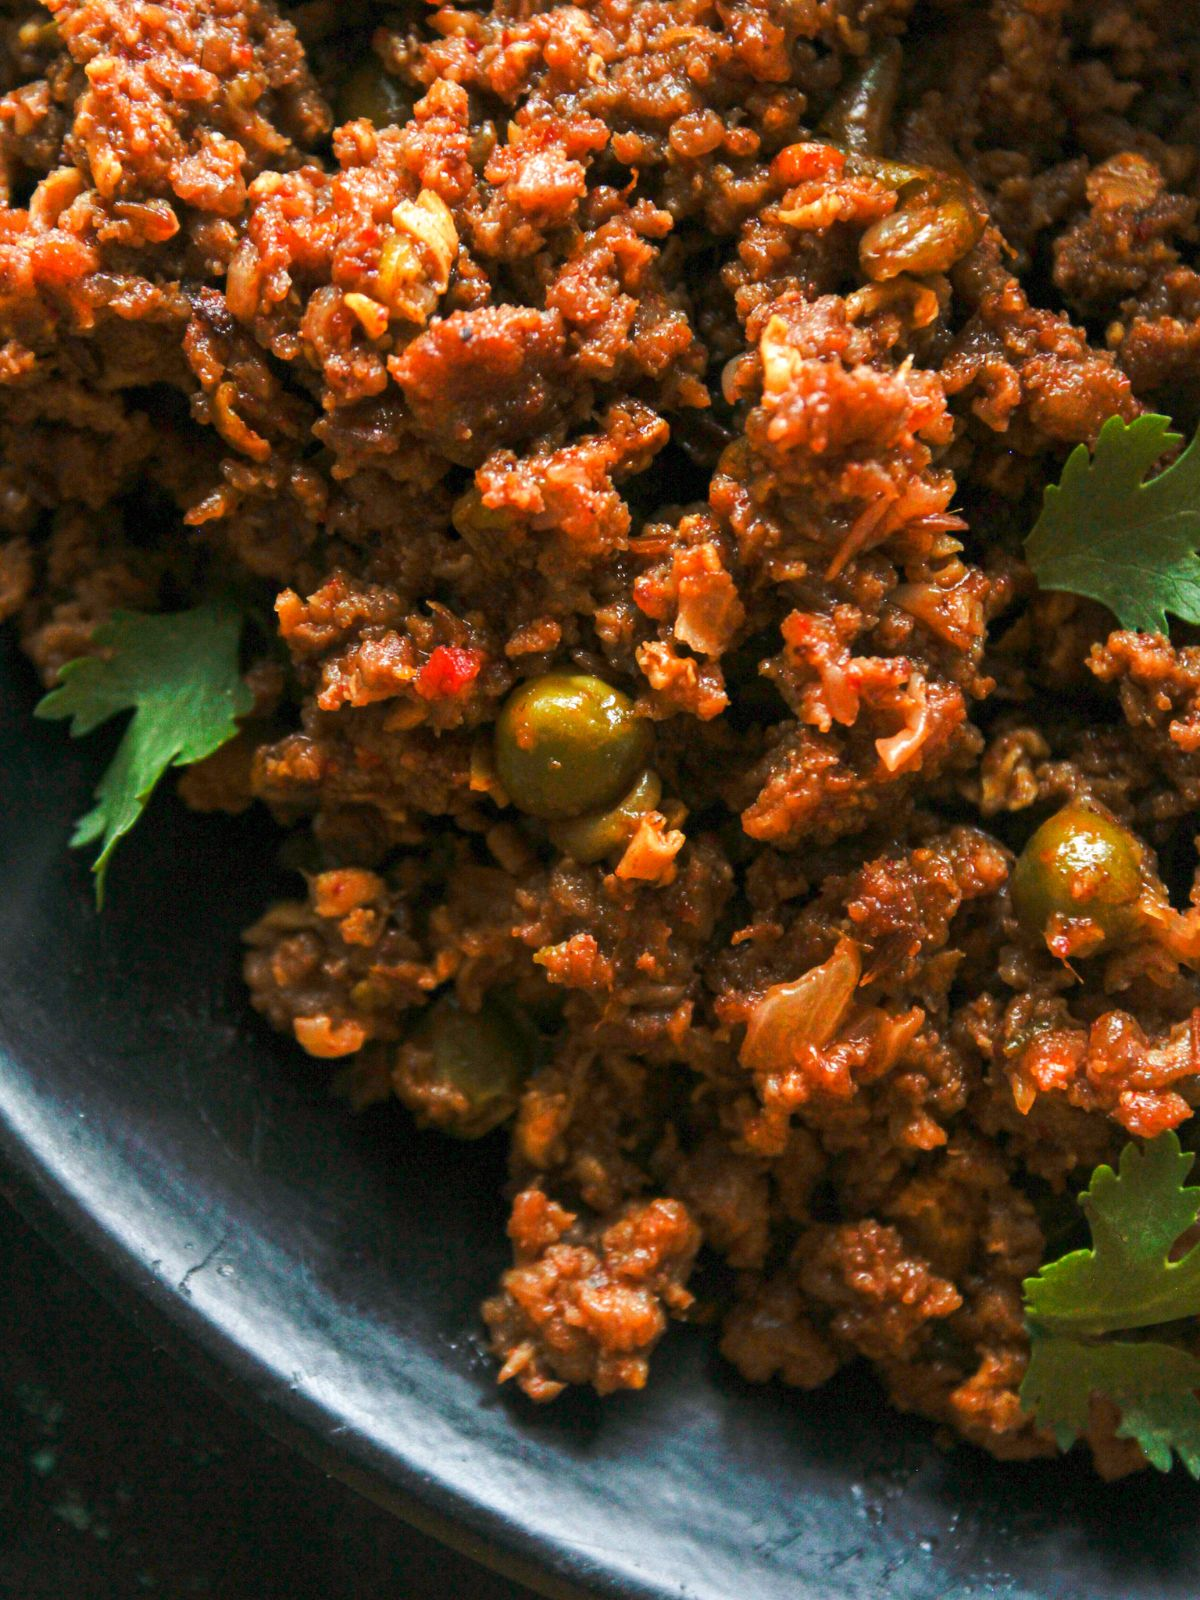 Black plate of ground meat keema